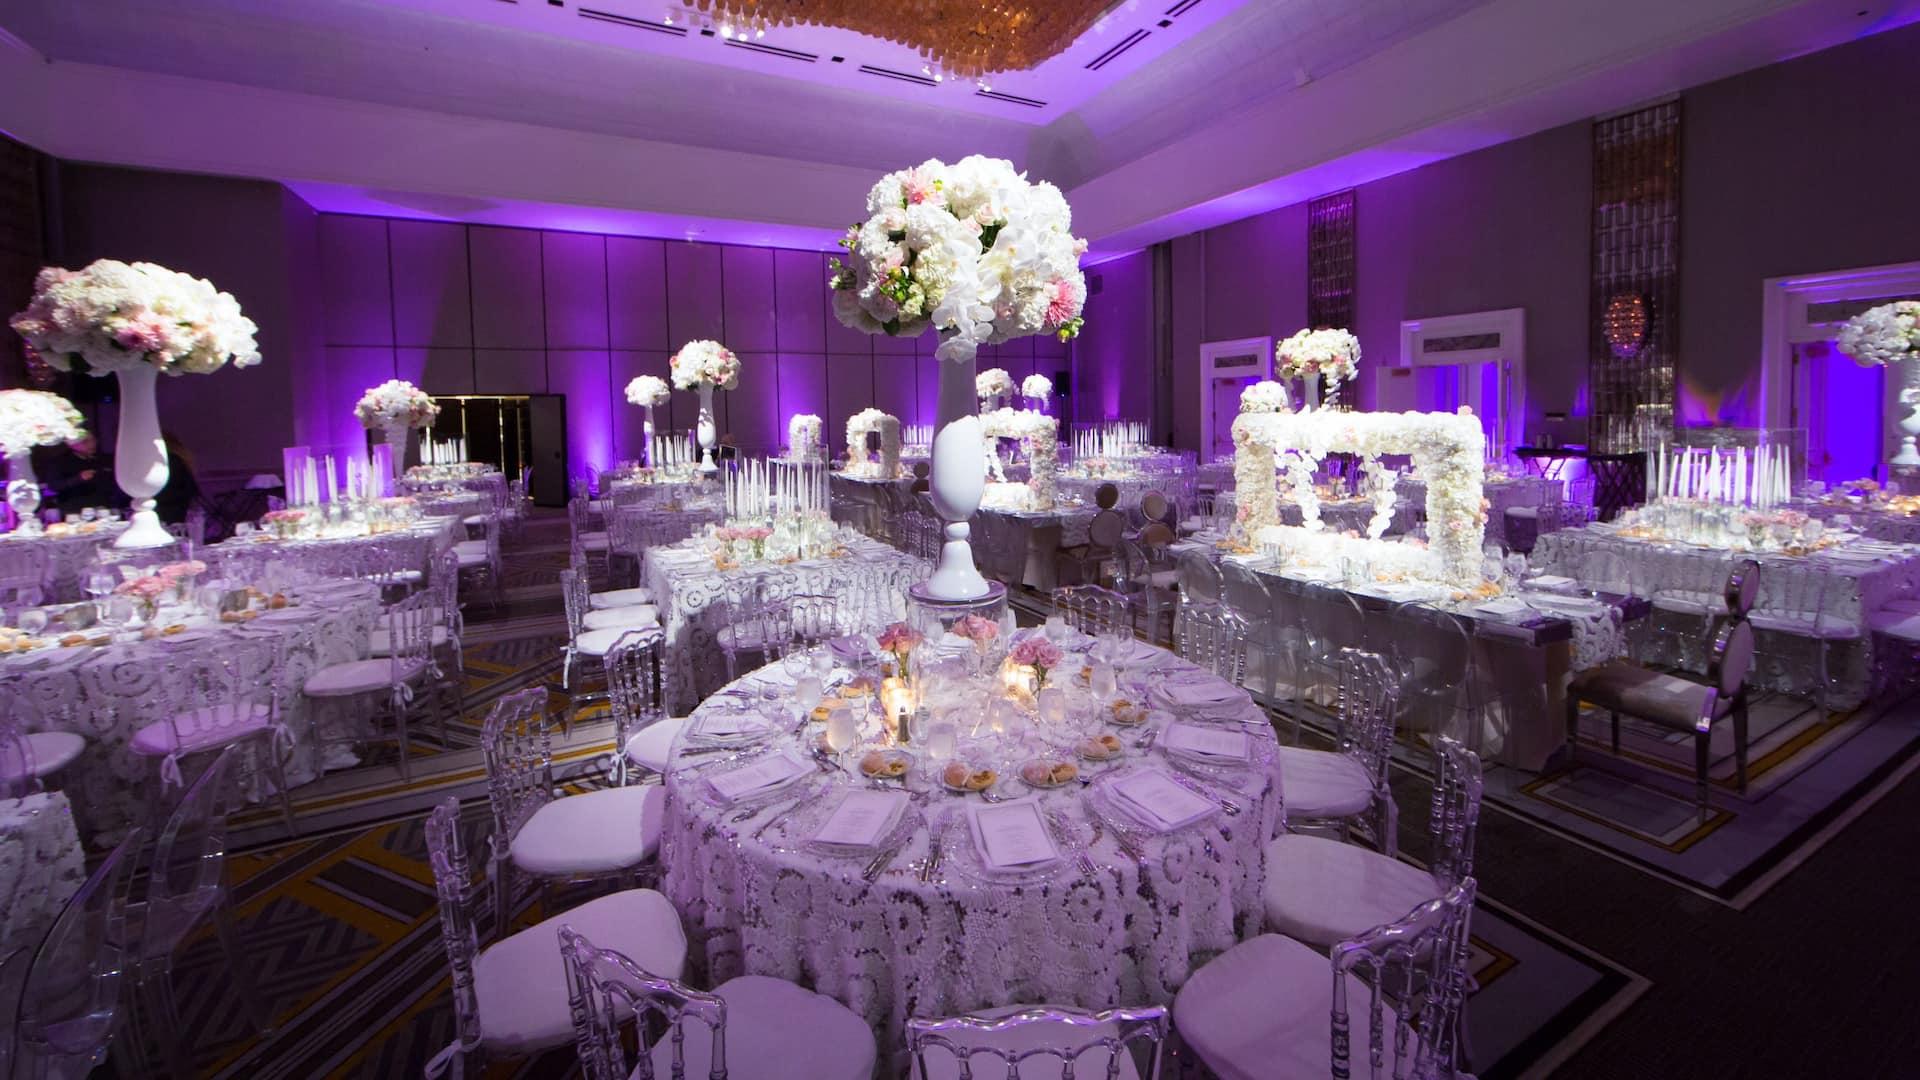 Sophisticated Wedding Venue in Midtown NYC | Grand Hyatt New